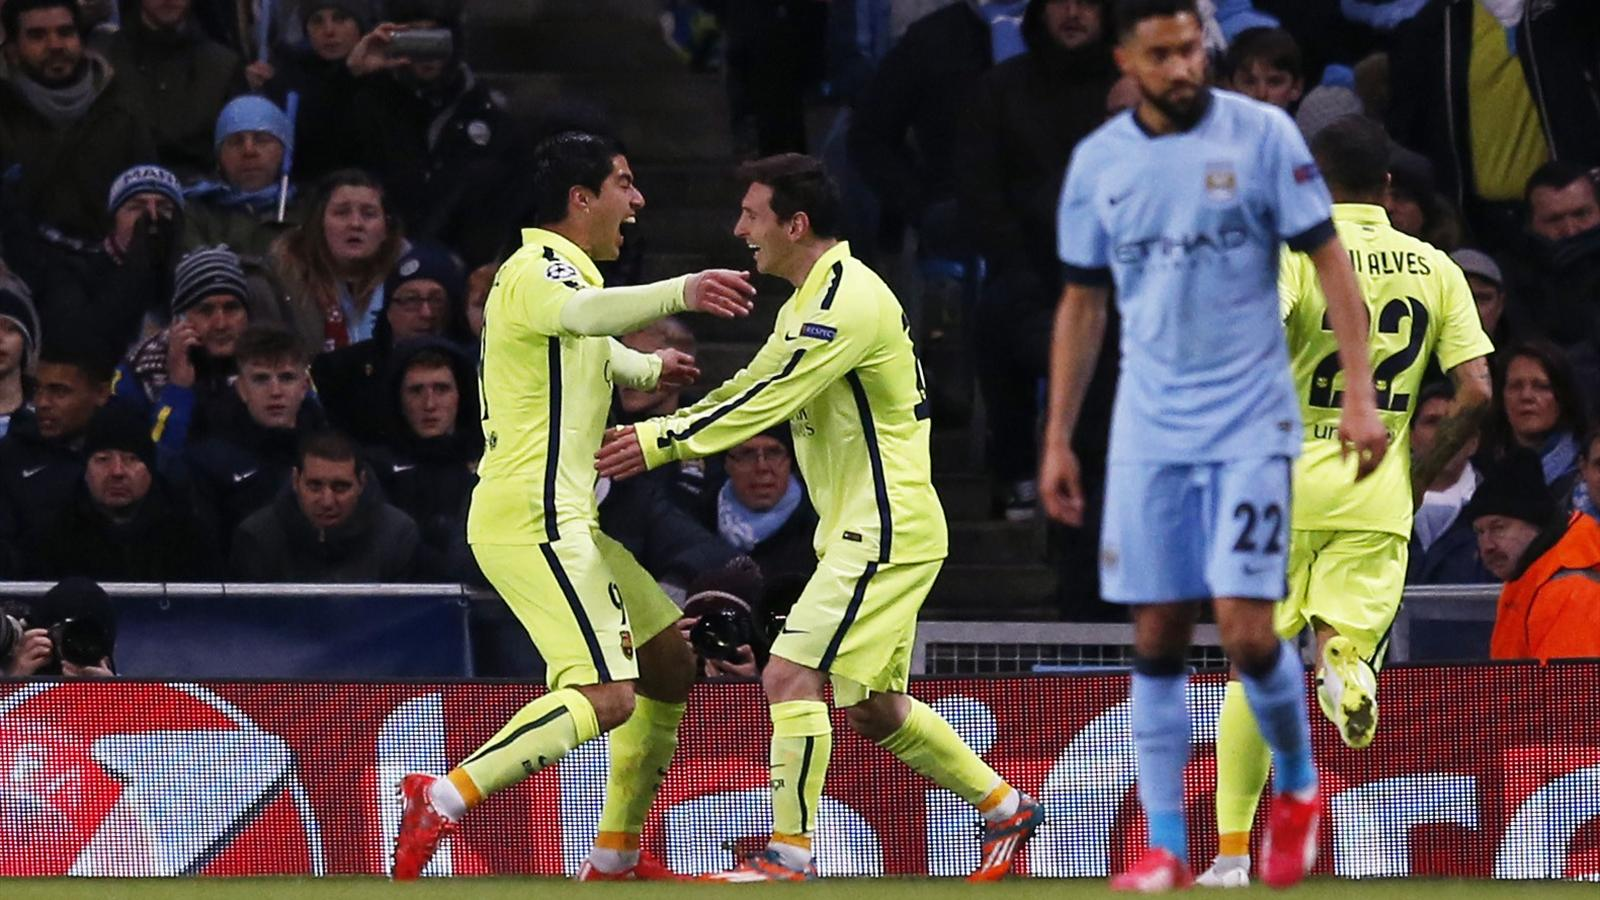 Luis Suarez et Lionel Messi (Barça) face à Manchester City